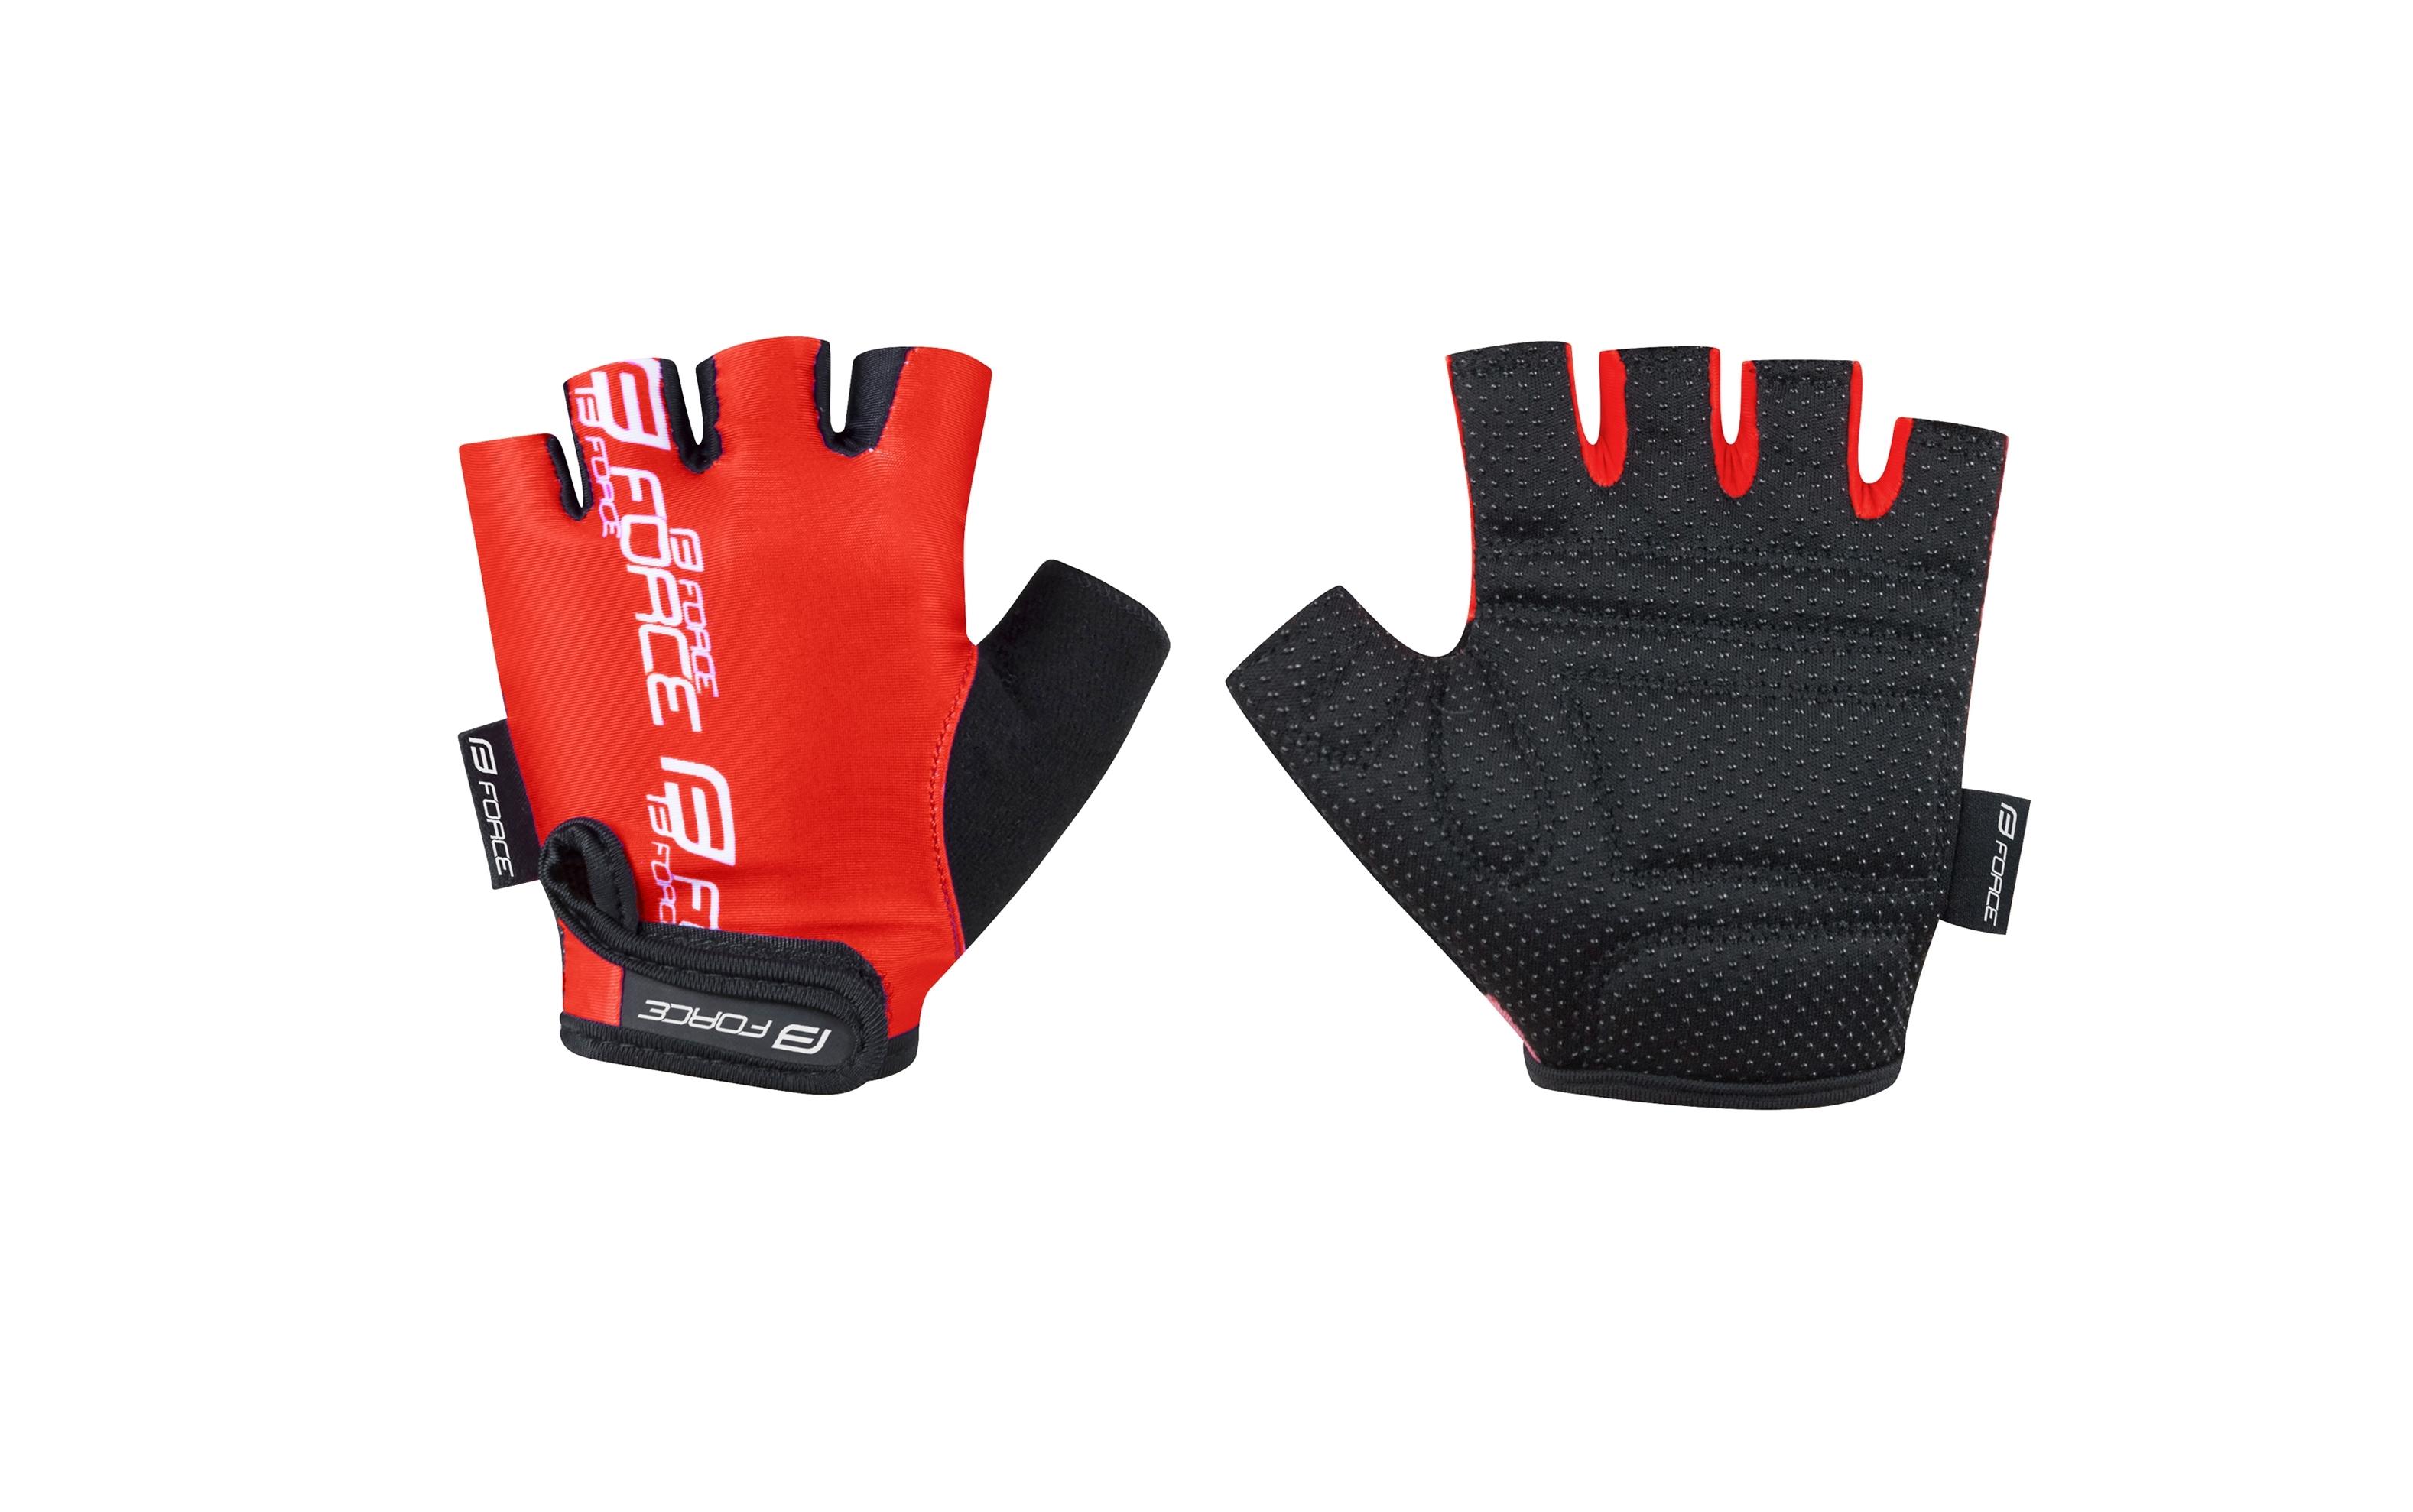 rukavice FORCE KID dětské, červené XL